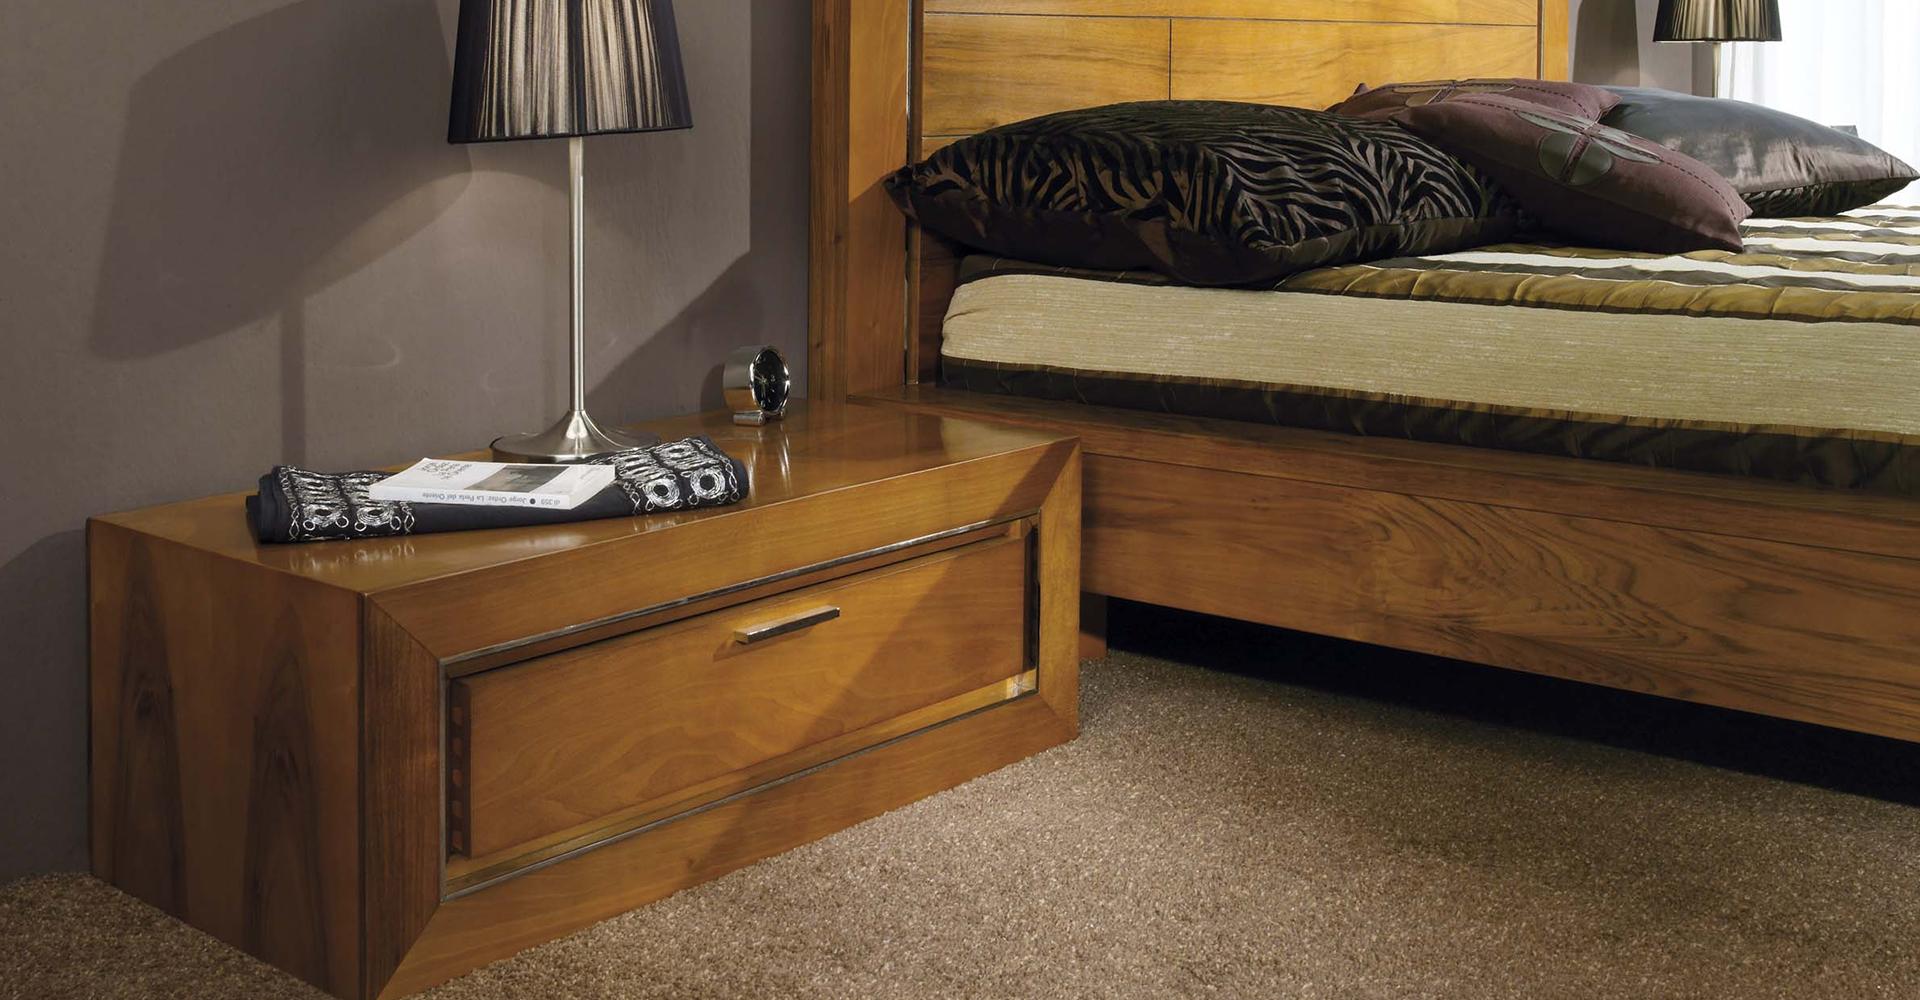 dormitorio de estilo contemporaneo (3)